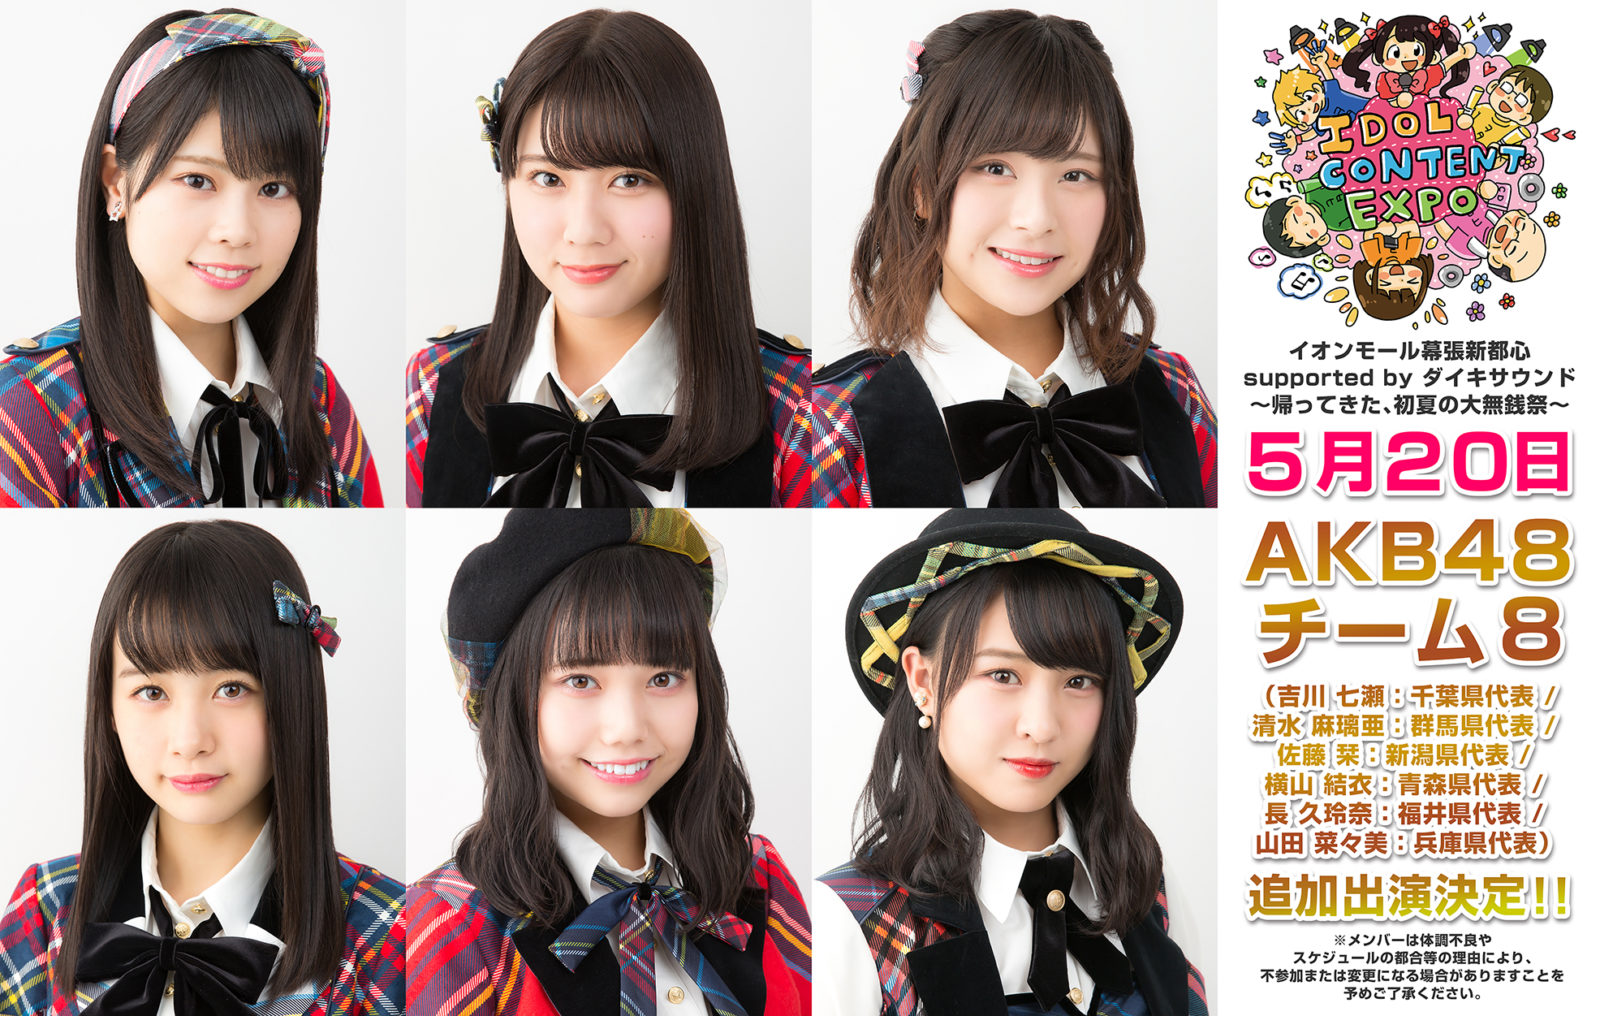 緊急参戦!「IDOL CONTENT EXPO ~大無銭祭~」にAKB48・Team 8の出演決定サムネイル画像